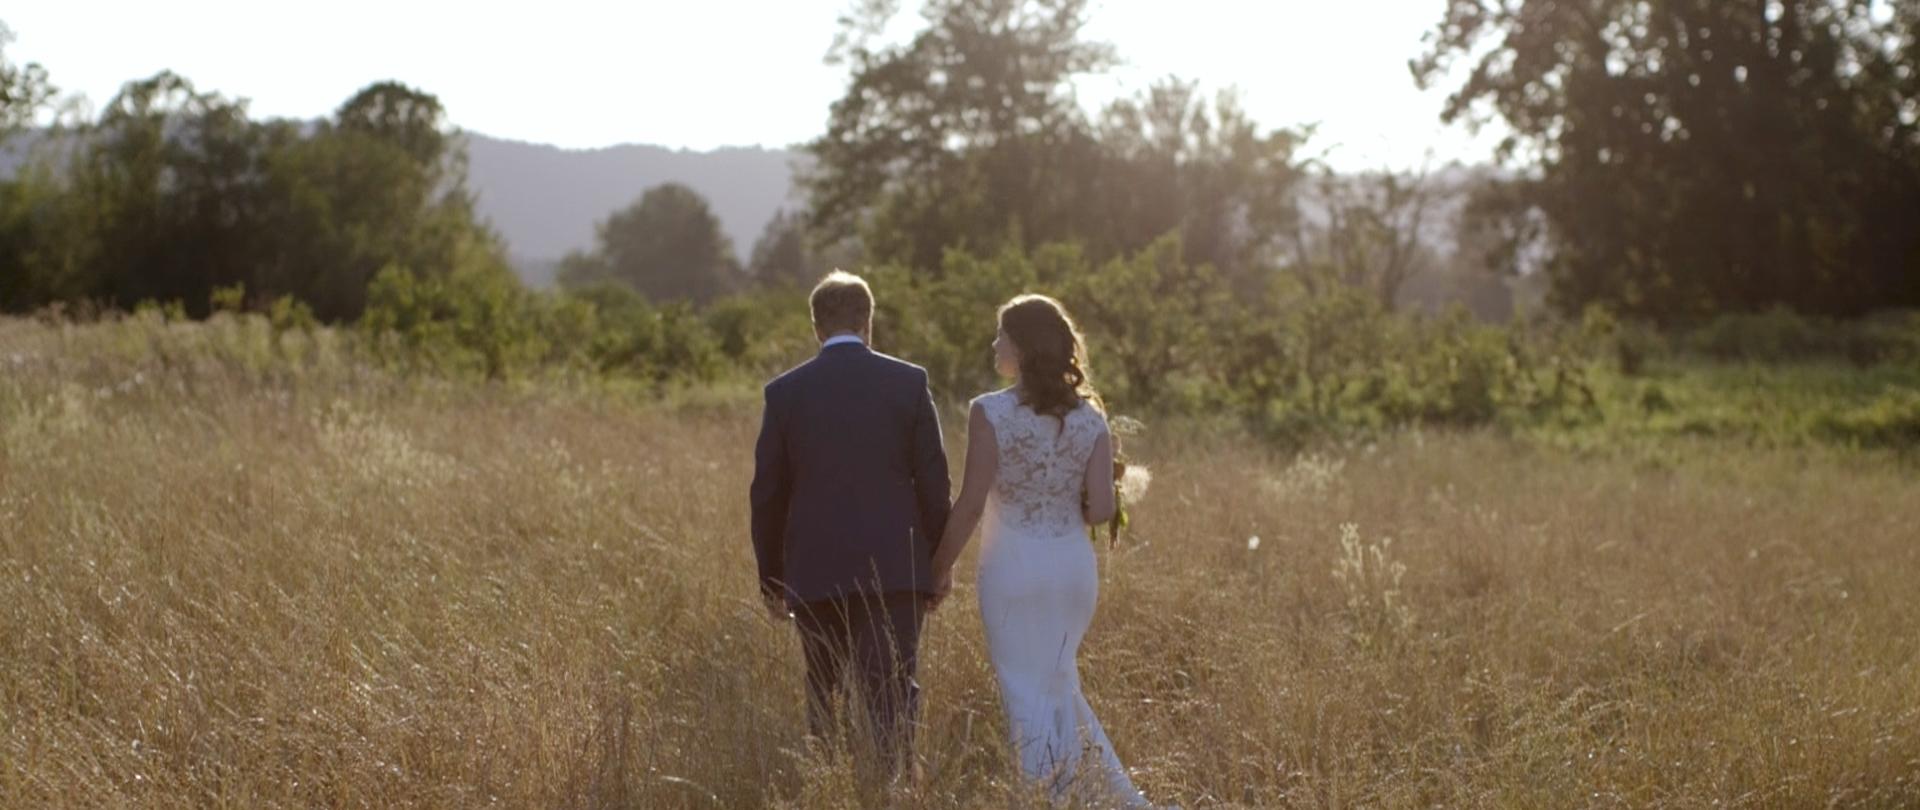 Lisa and Taylor-Oregon Wedding Video -14.jpg